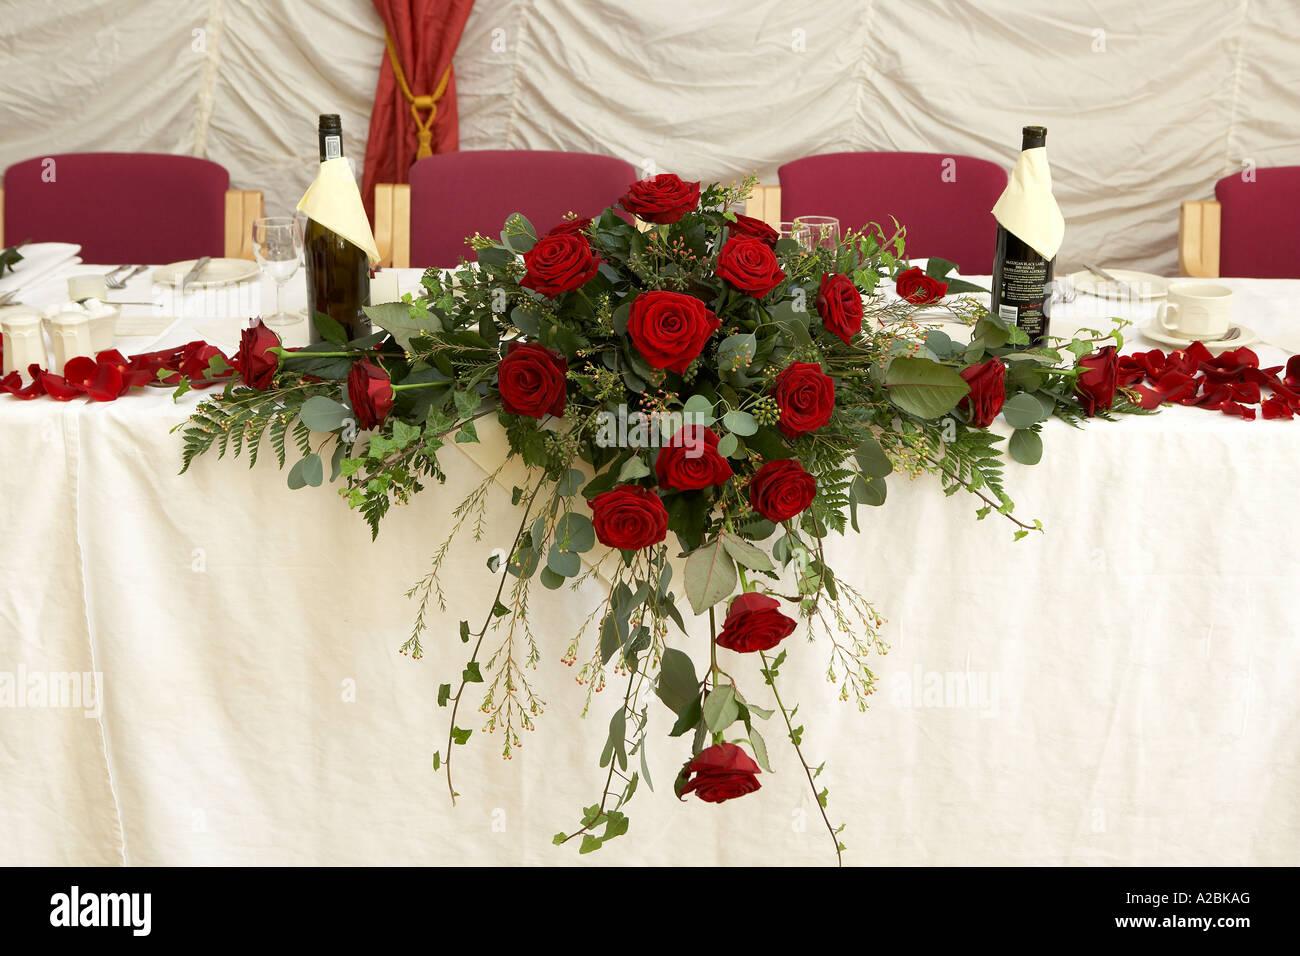 Los Pétalos De Rosas Rojas Y Usados Para Decorar Una Mesa En Una Boda Formal Inglaterra Fotografía De Stock Alamy